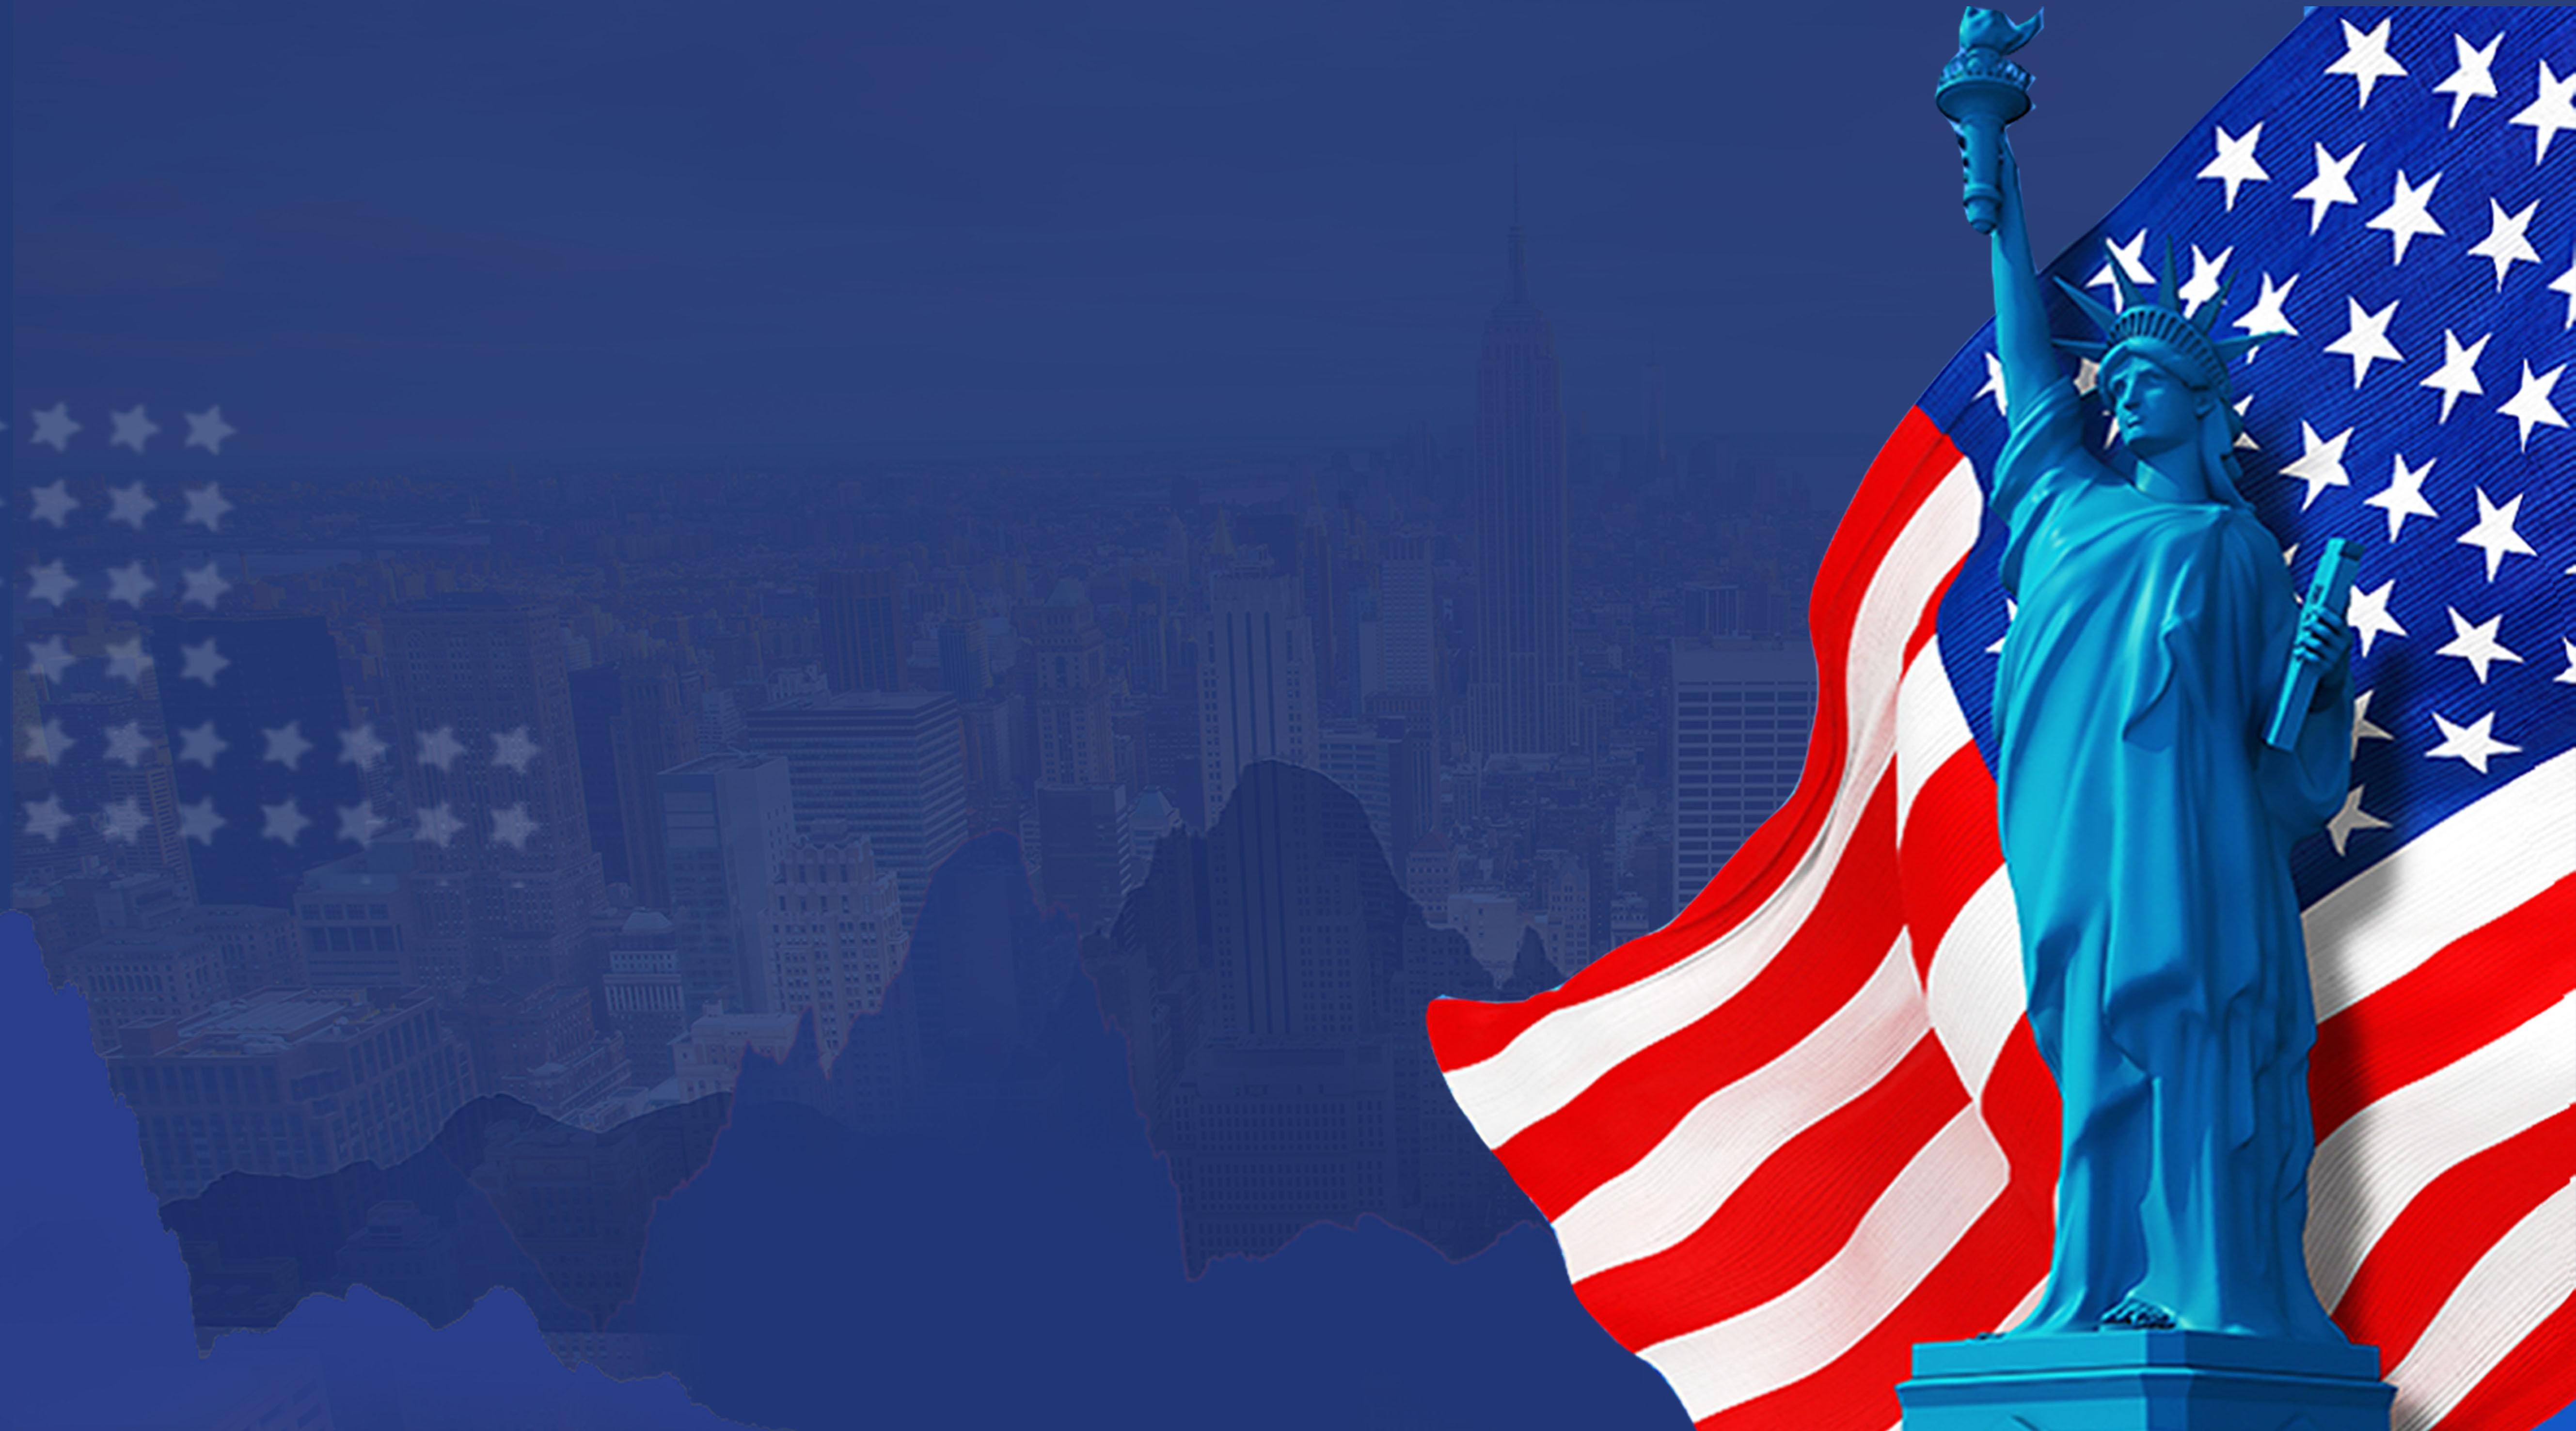 美国《创新再造与巅峰领导力》研修之旅